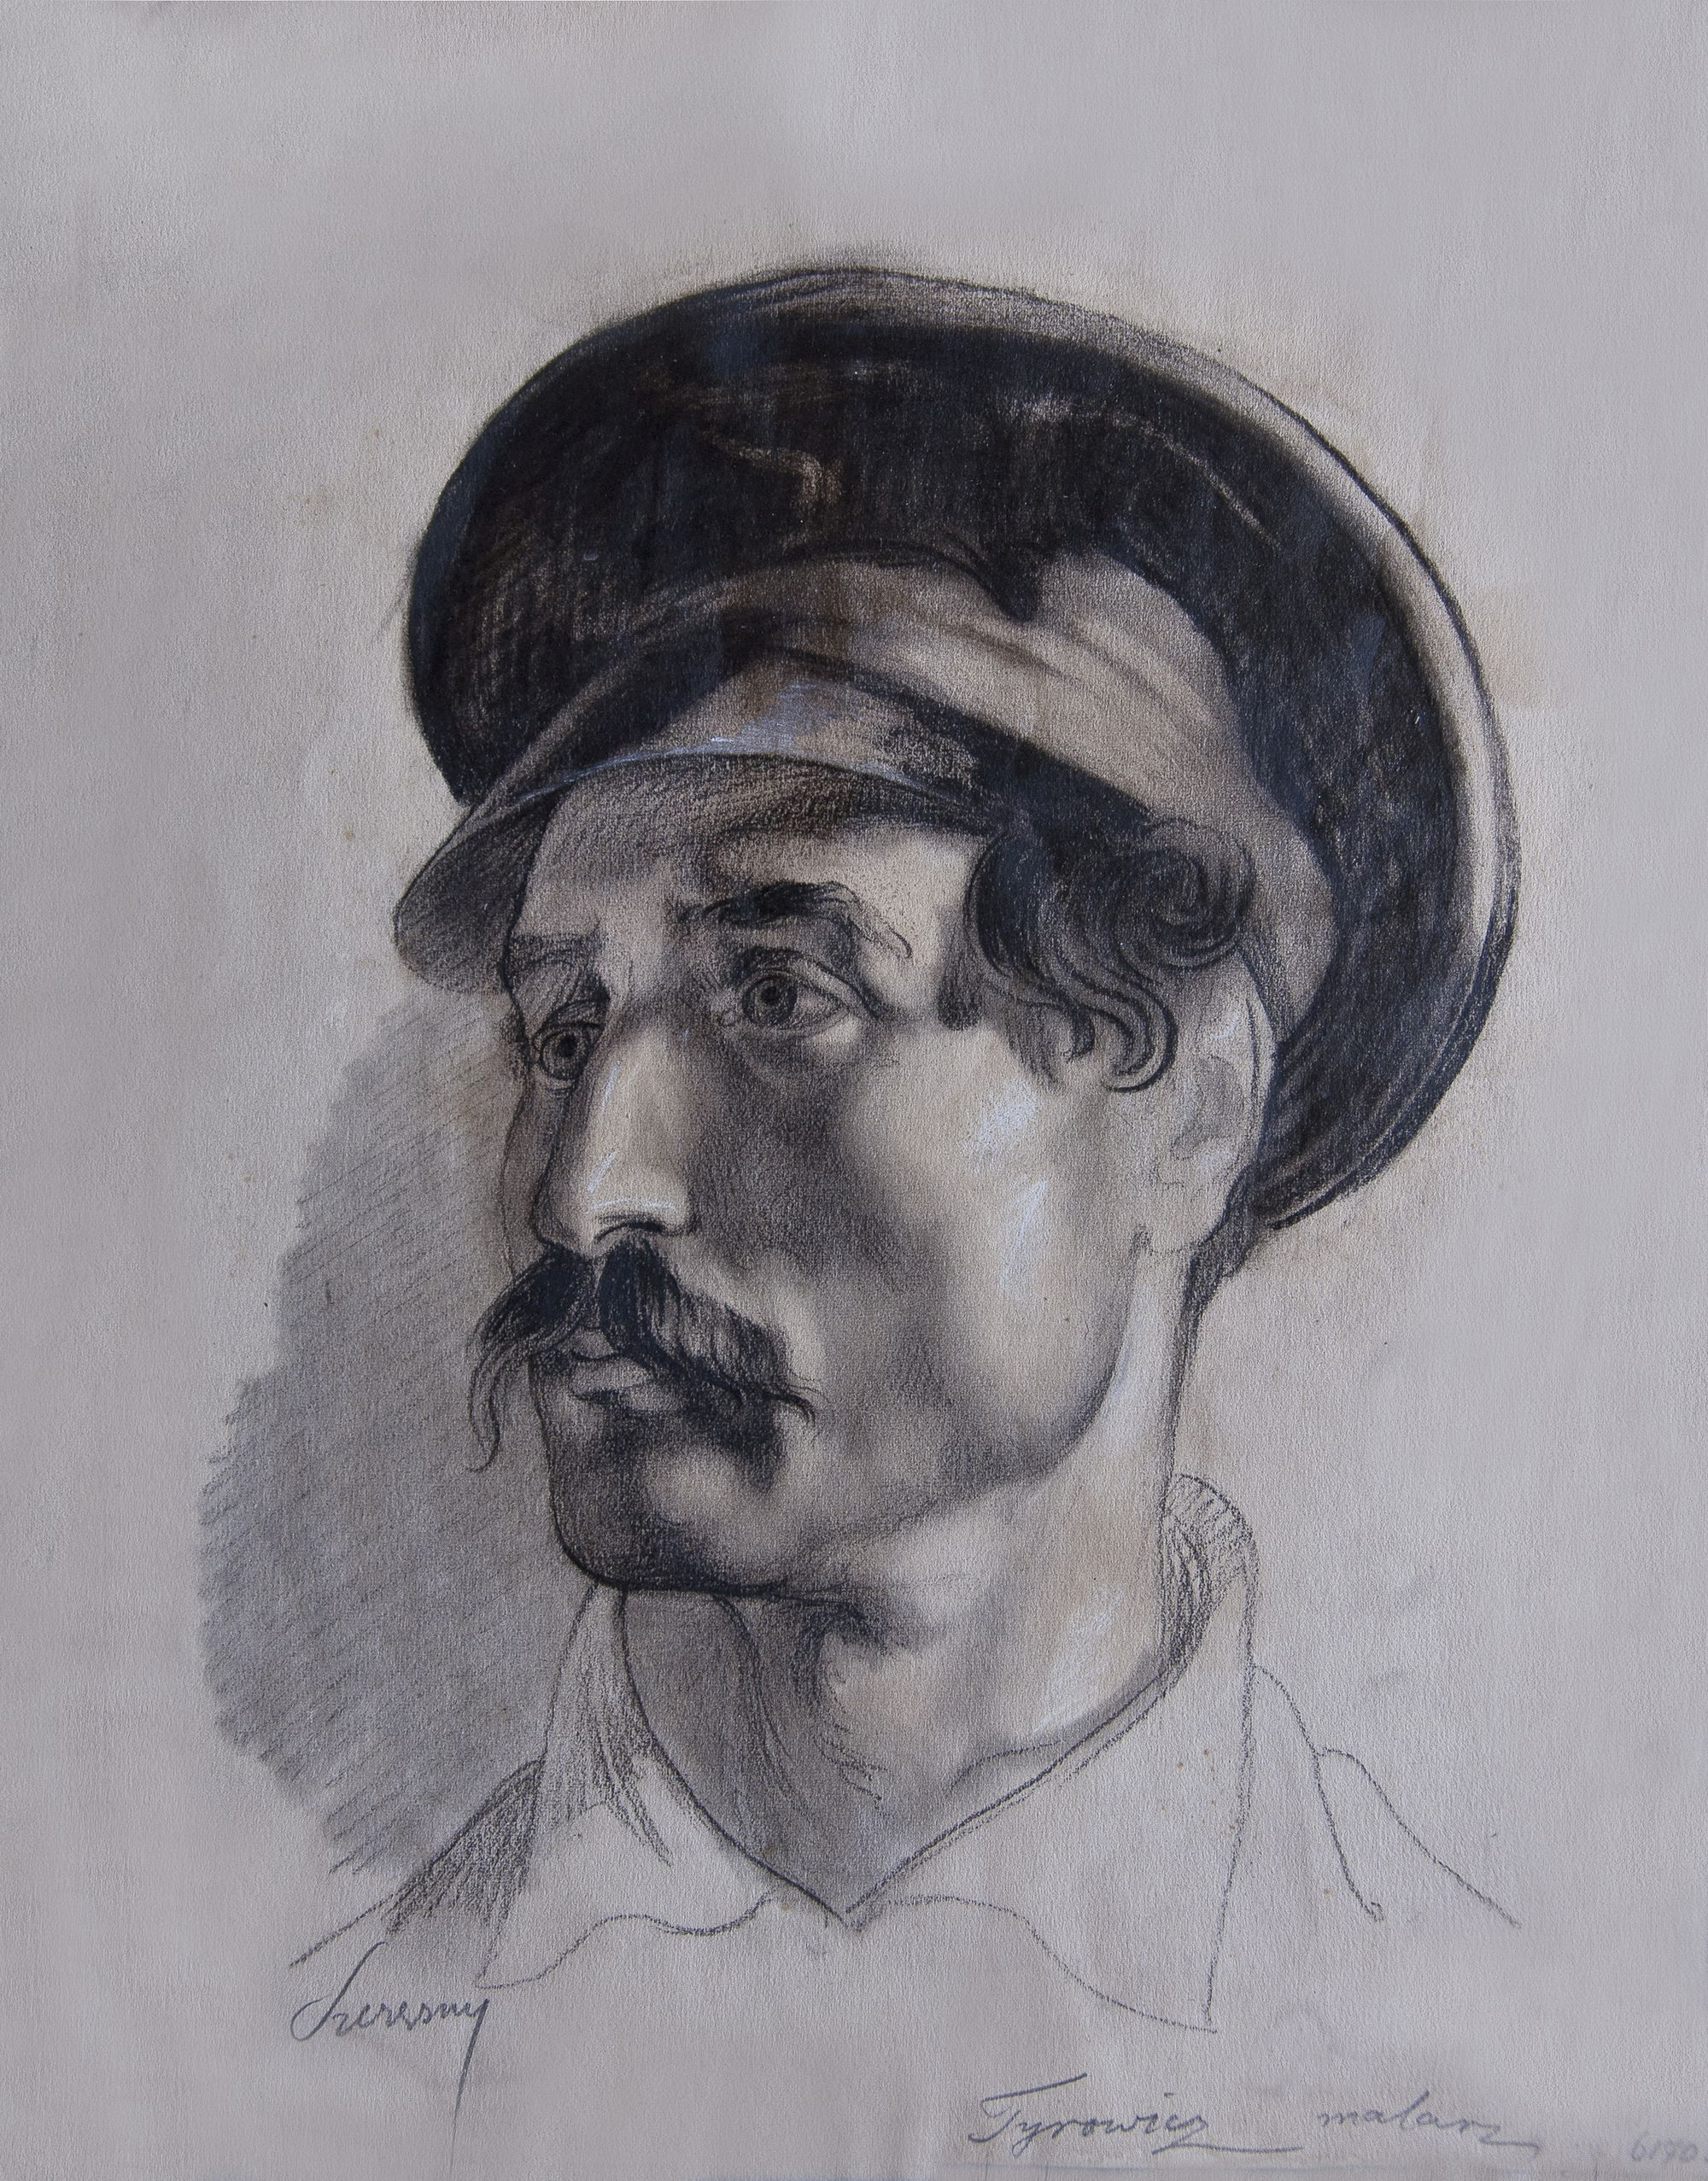 Фелікс Ян Щенсни Моравський. Тадеуш Тирович (скульптор)